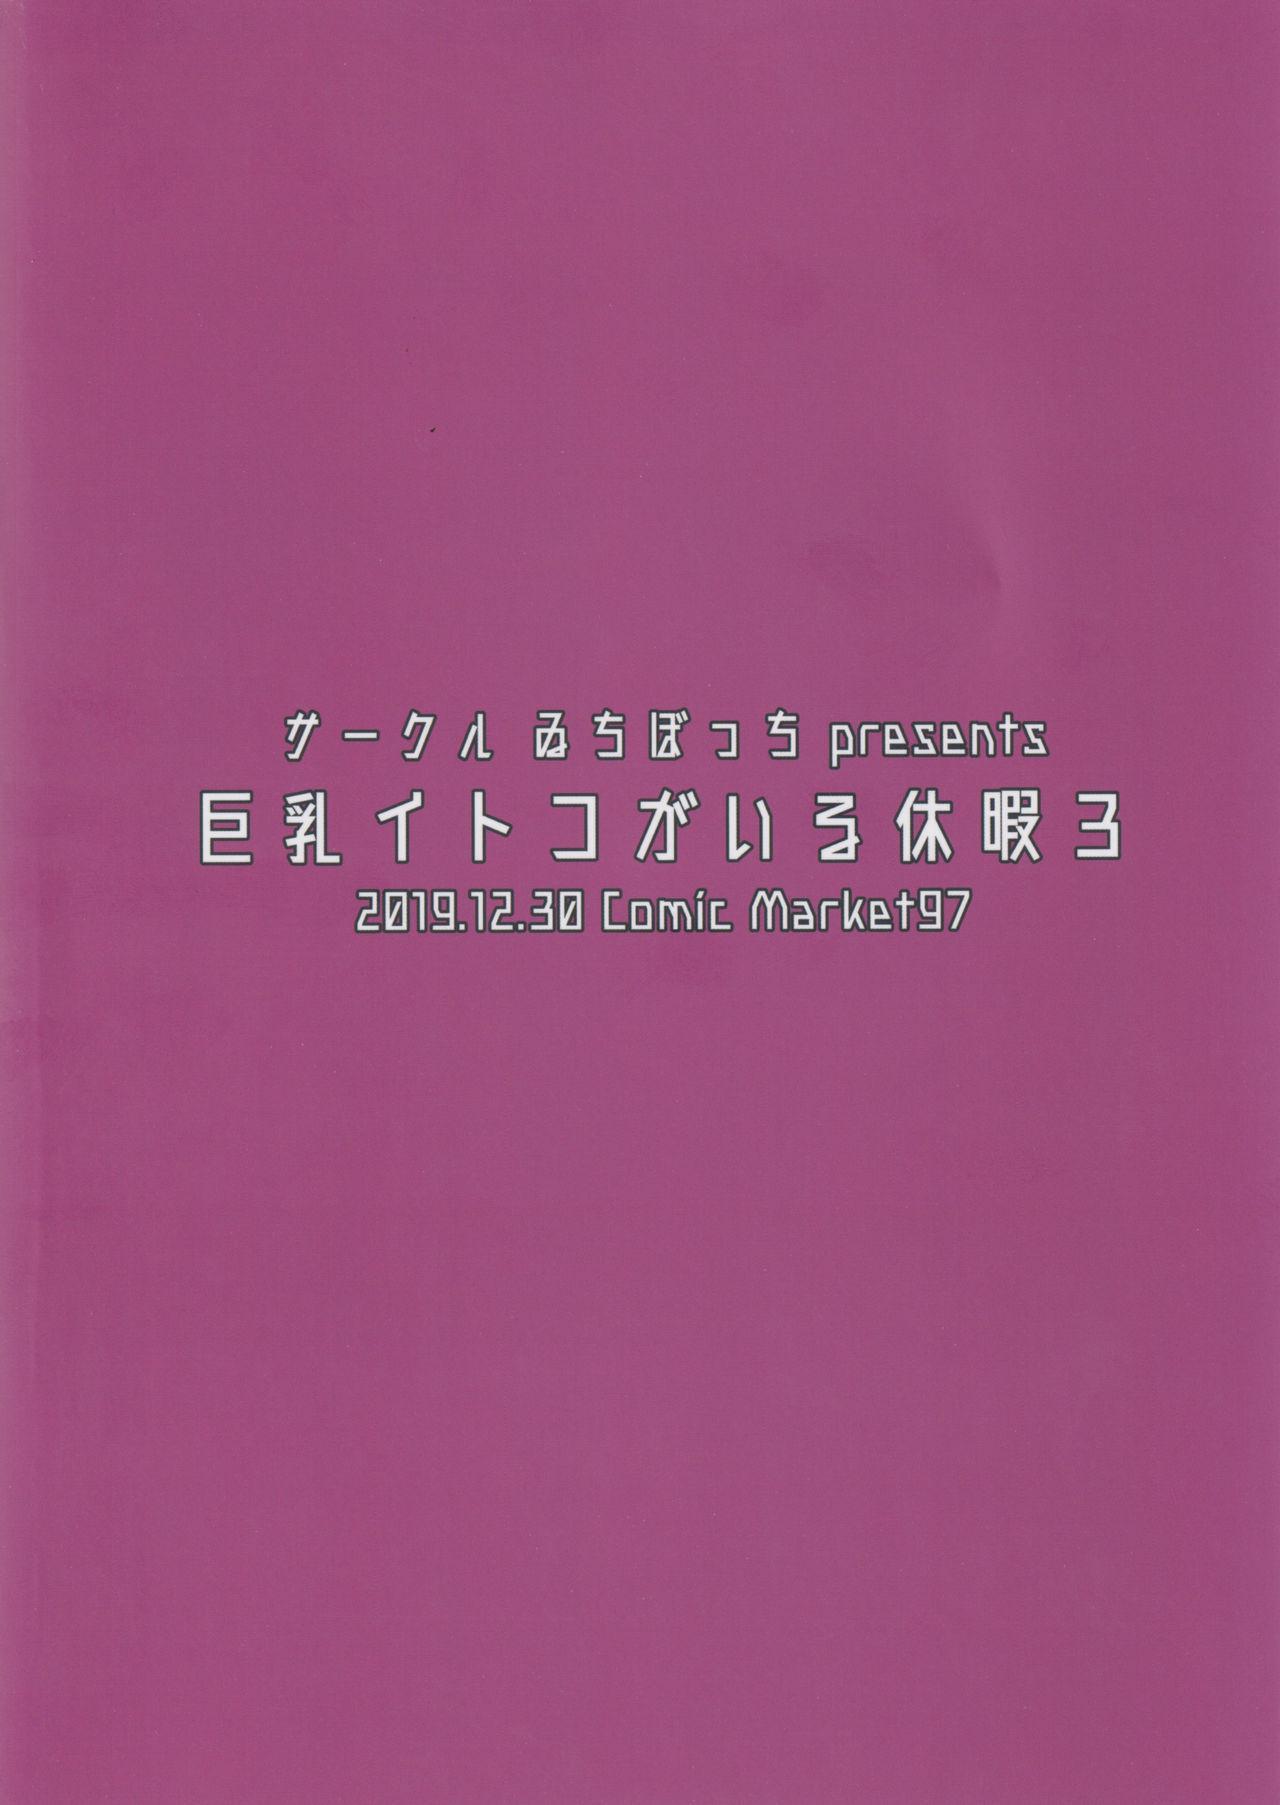 Kyonyuu Itoko ga Iru Kyuuka 3 22